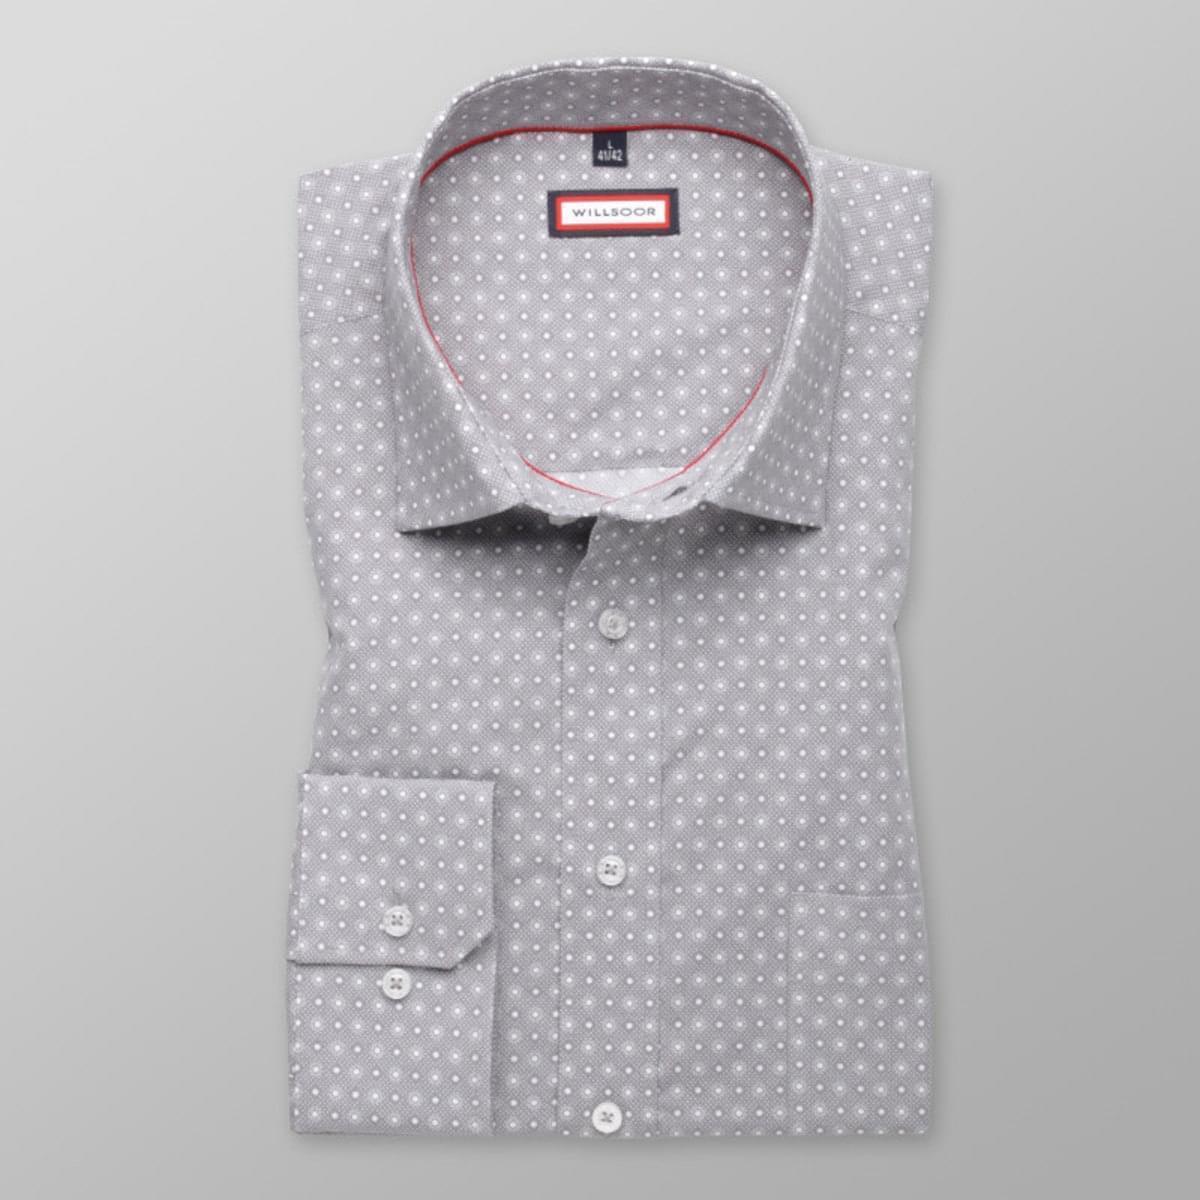 Pánská klasická košile (výška 176-182) 7783 v šedé barvě s úpravou easy care 176-182 / L (41/42)